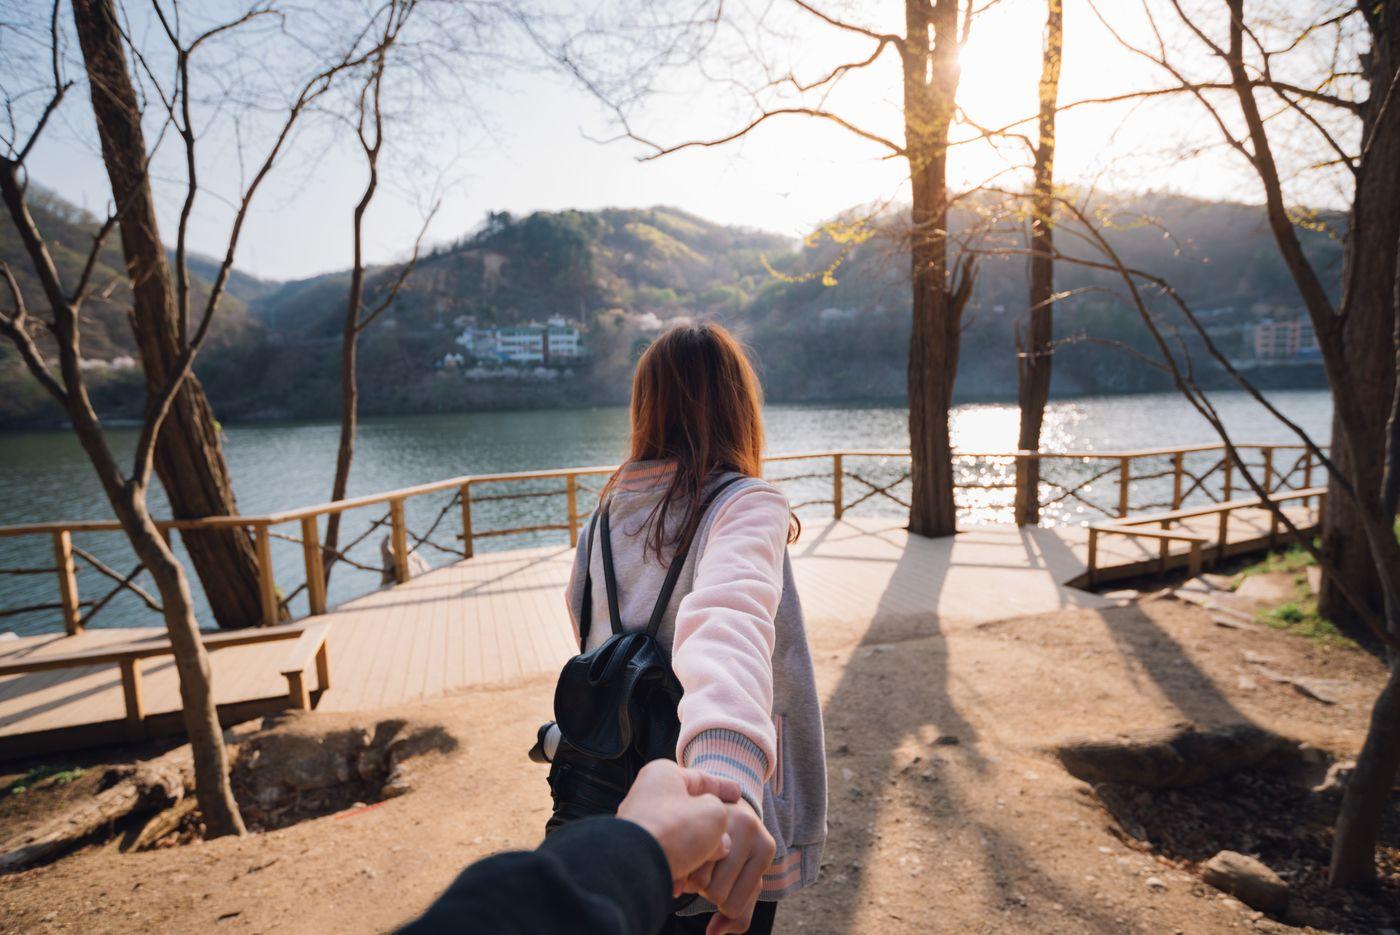 同じポーズはもう飽きた!韓国カップルに学ぶ可愛い写真の撮り方♡の5枚目の画像